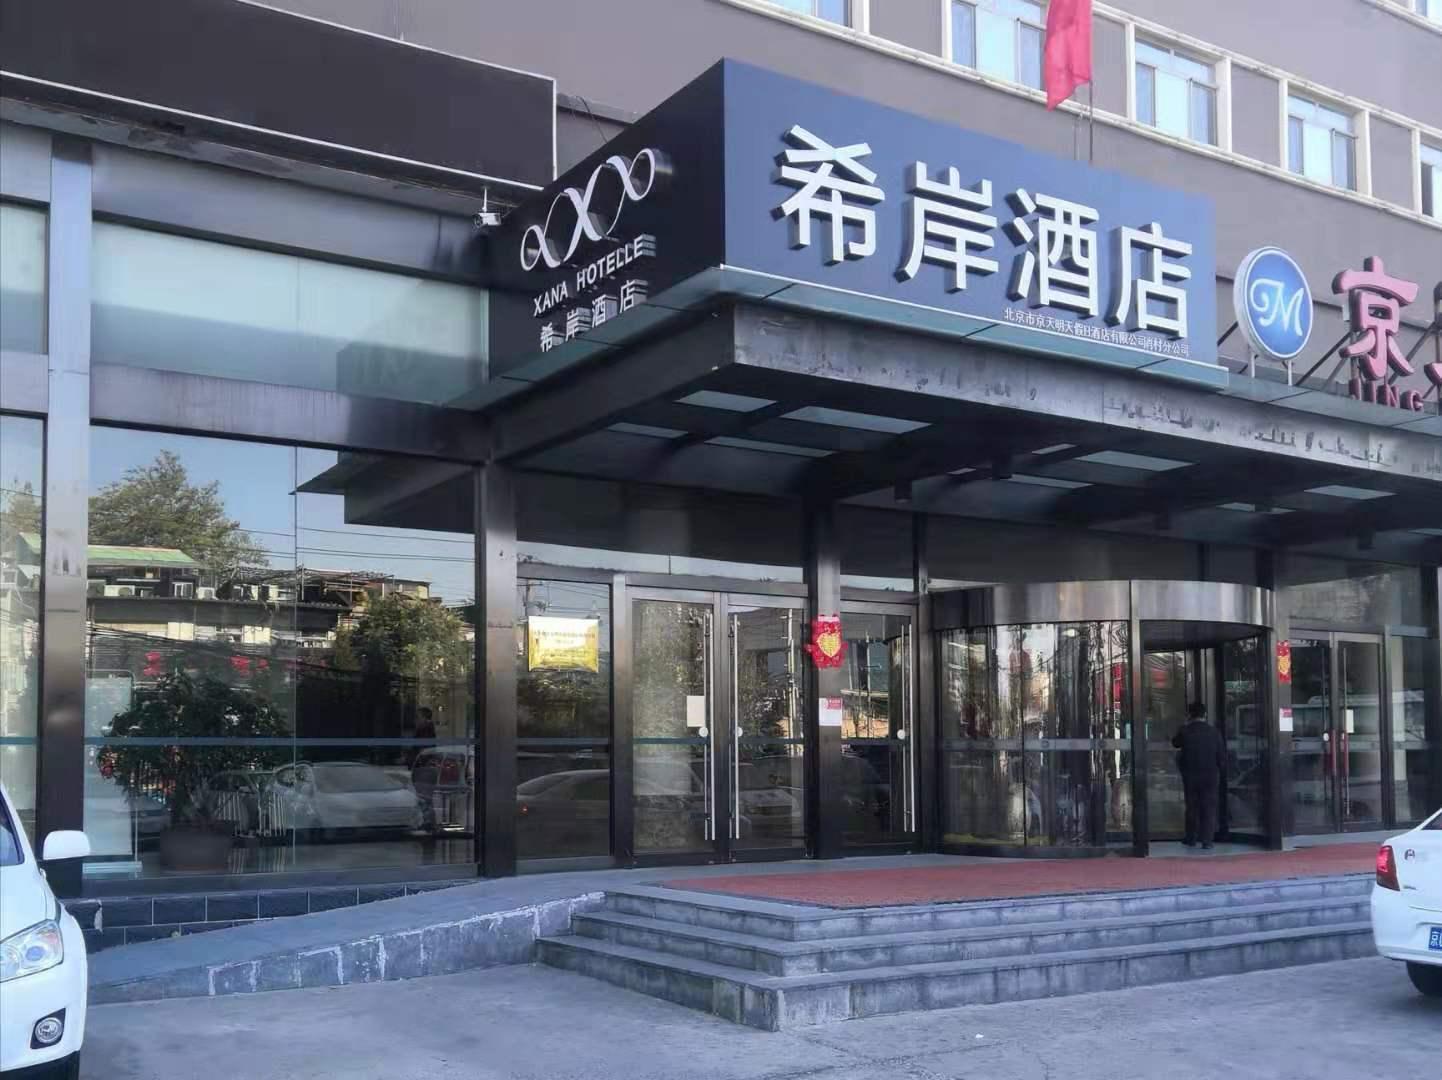 Xana Hotelle Beijing Songjiazhuang Metro Station